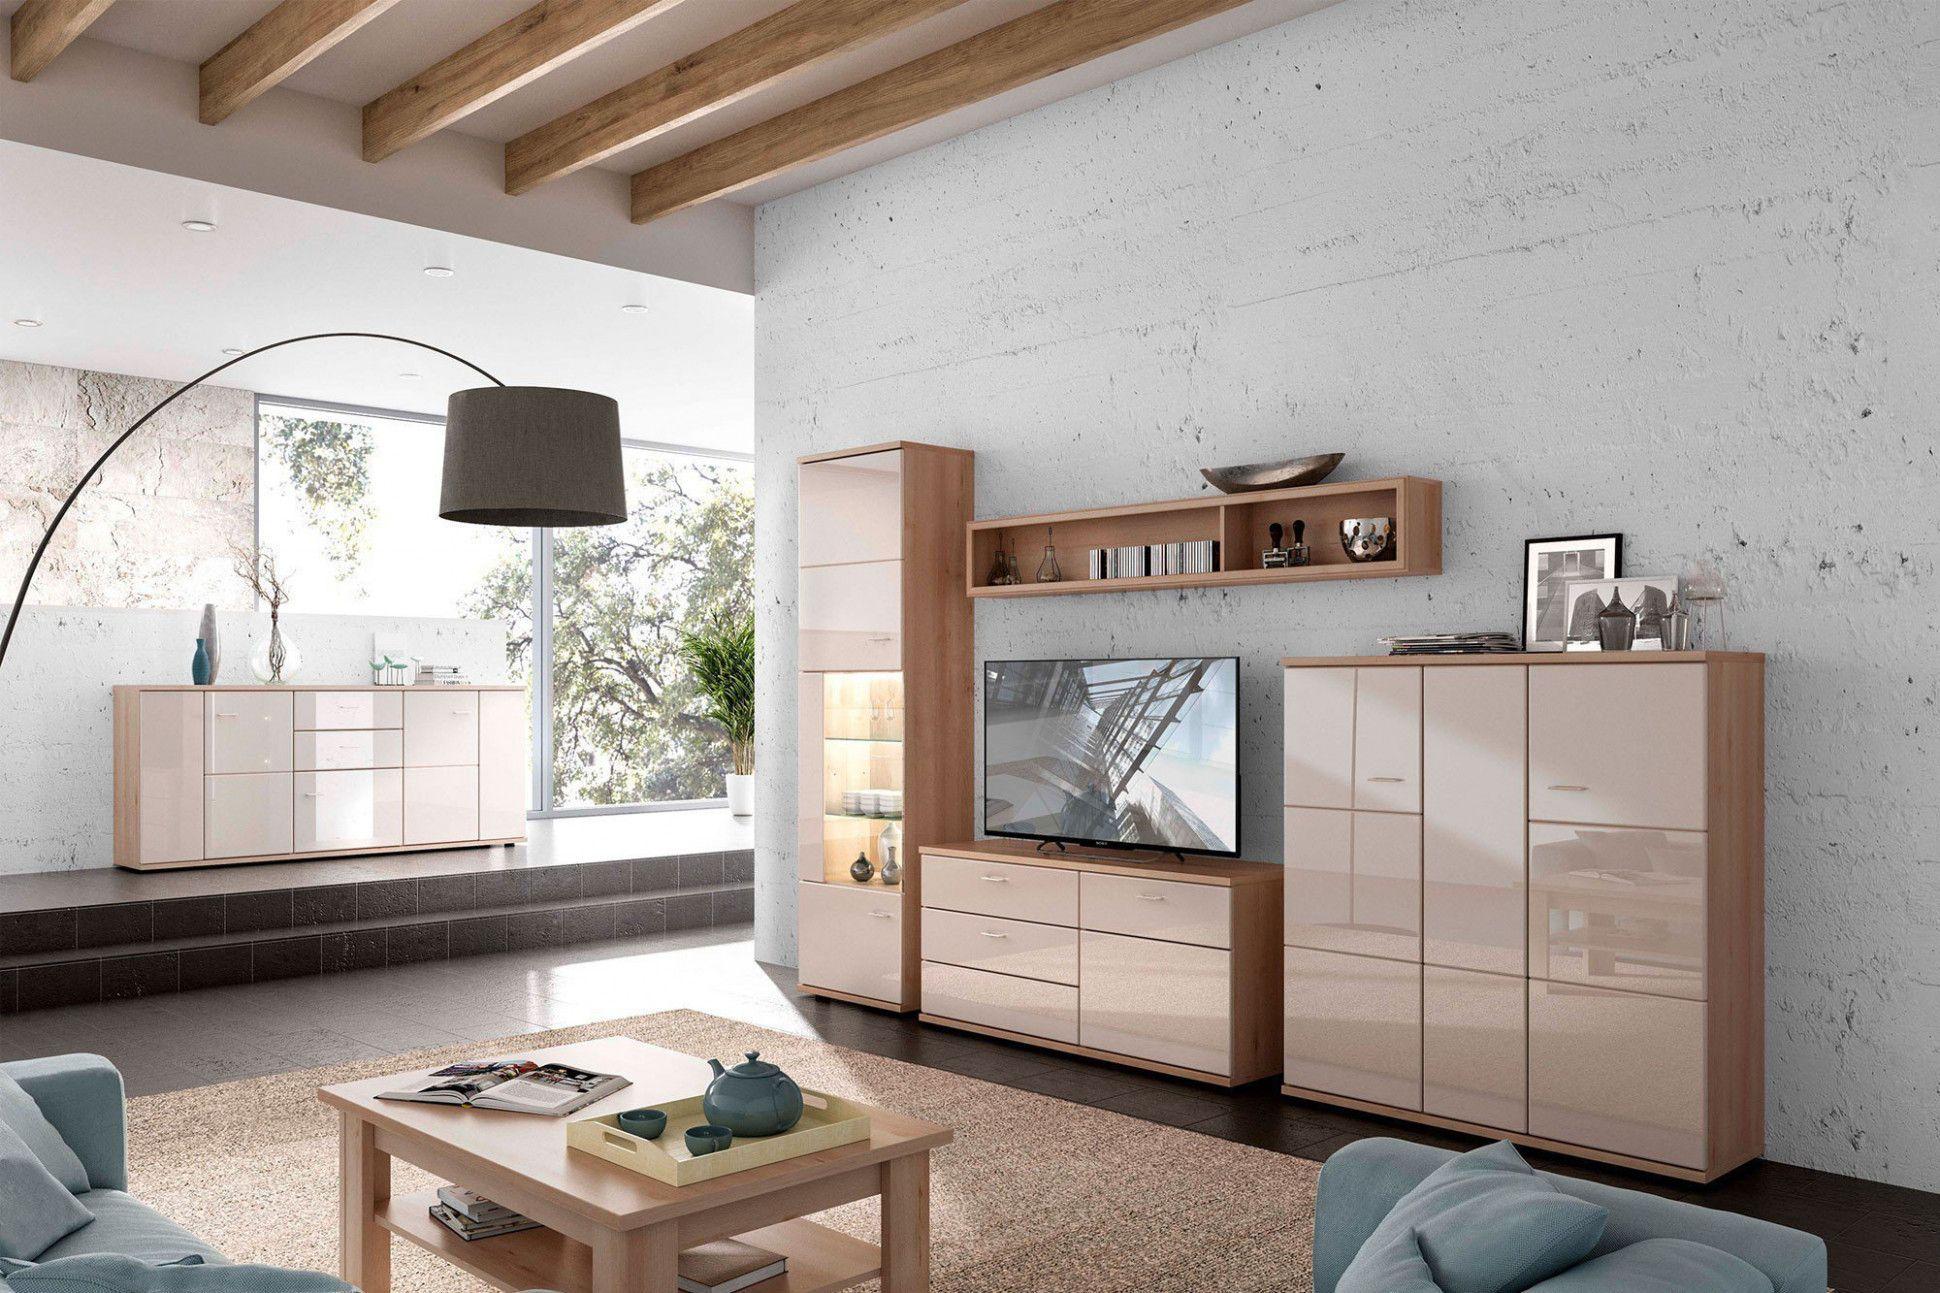 8 Wohnzimmermöbel Cappuccino in 8  Wohnzimmermöbel